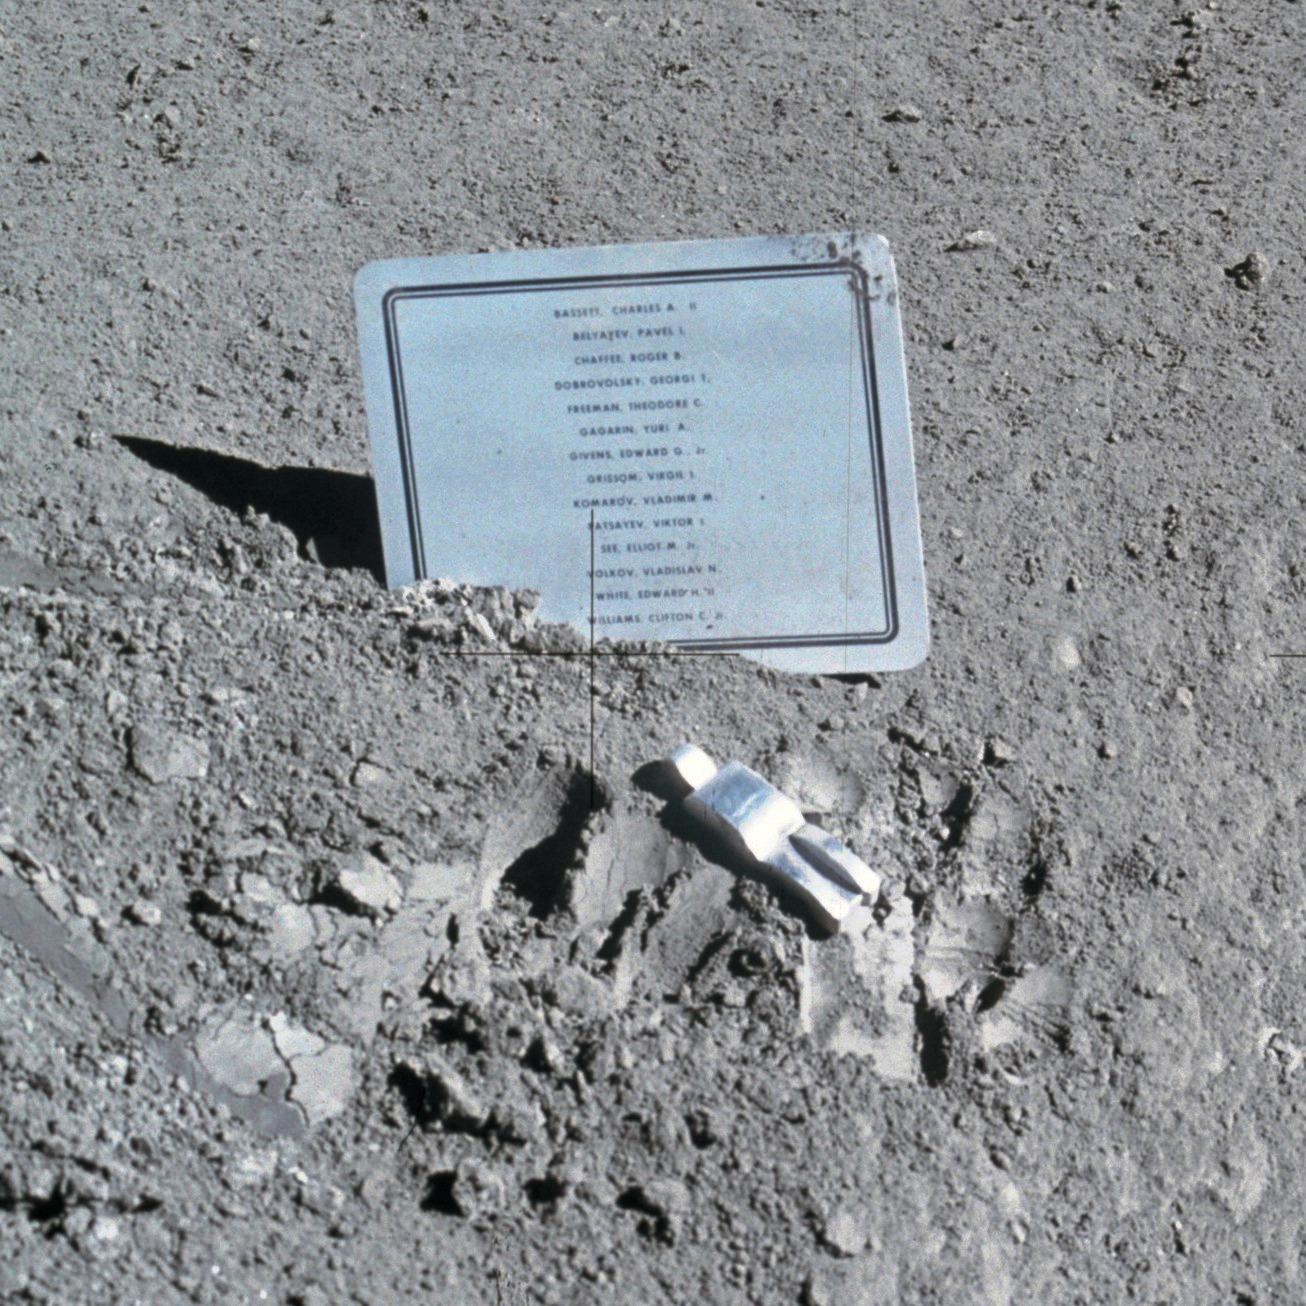 David Scott pozostawił na Księżycu tabliczkę upamiętniającą poległych astronautów. Nazwisko Grissoma jest ósme od góry.